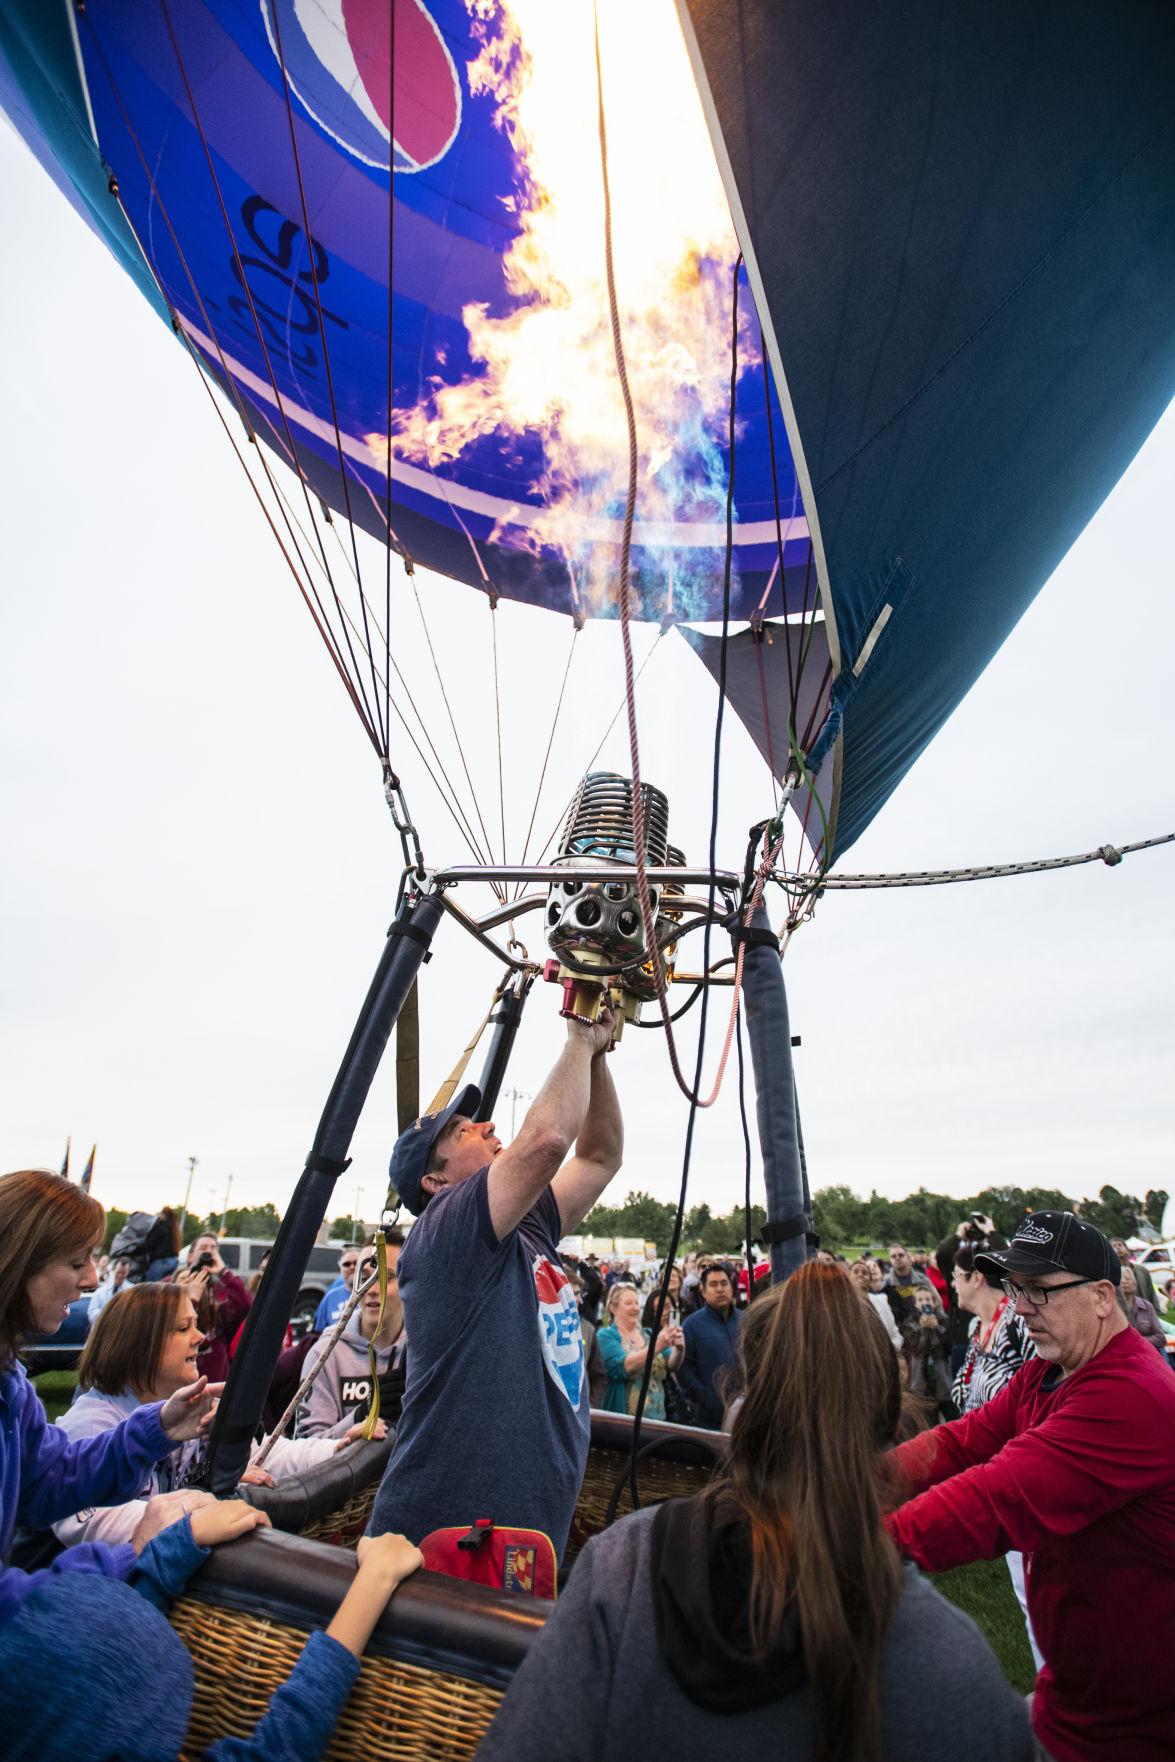 Balloons A3 2